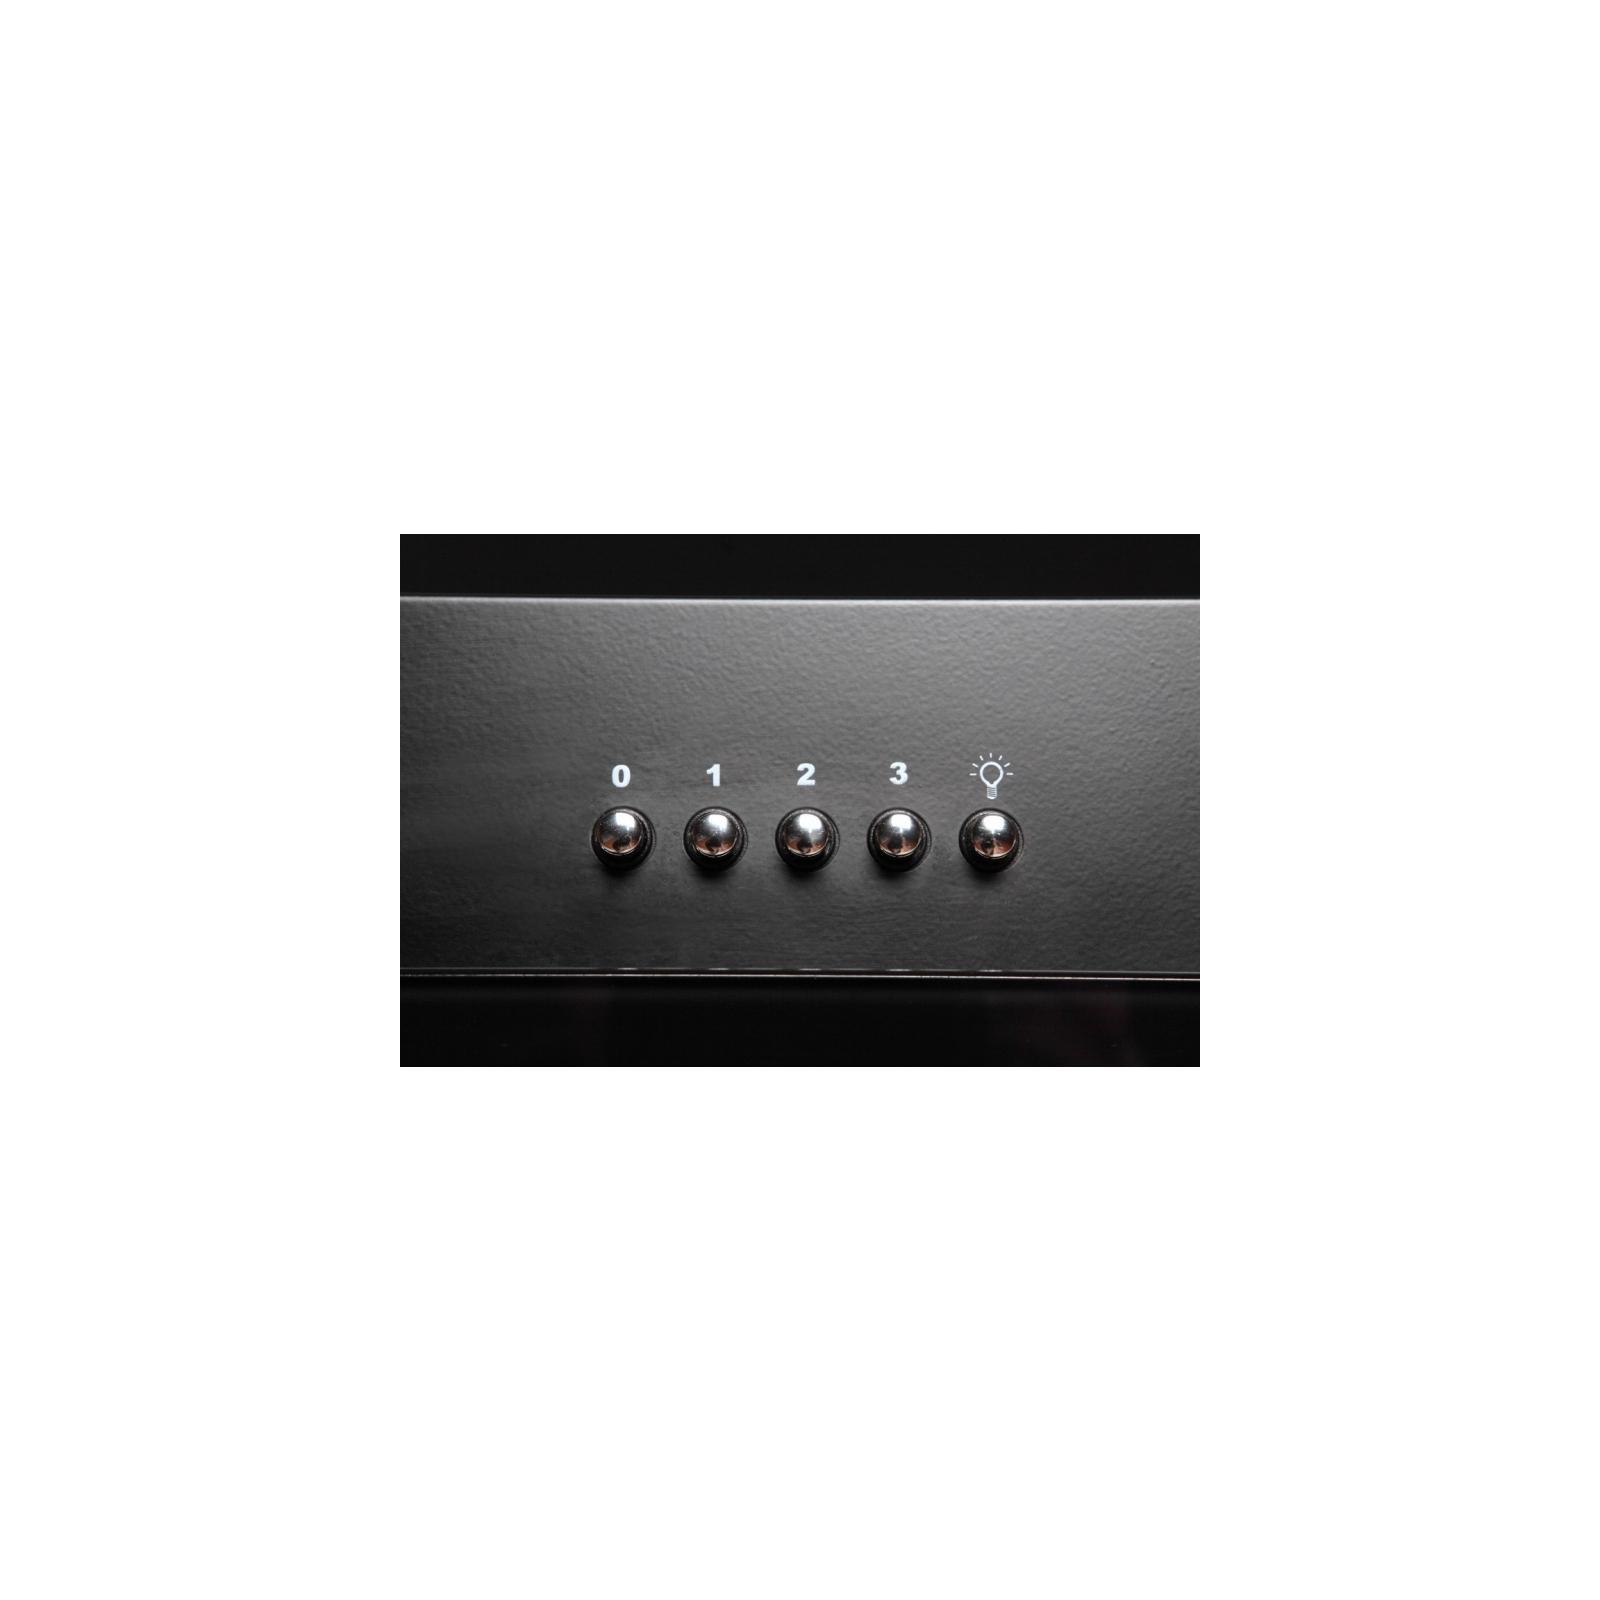 Вытяжка кухонная ELEYUS Lana 700 50 WH изображение 6